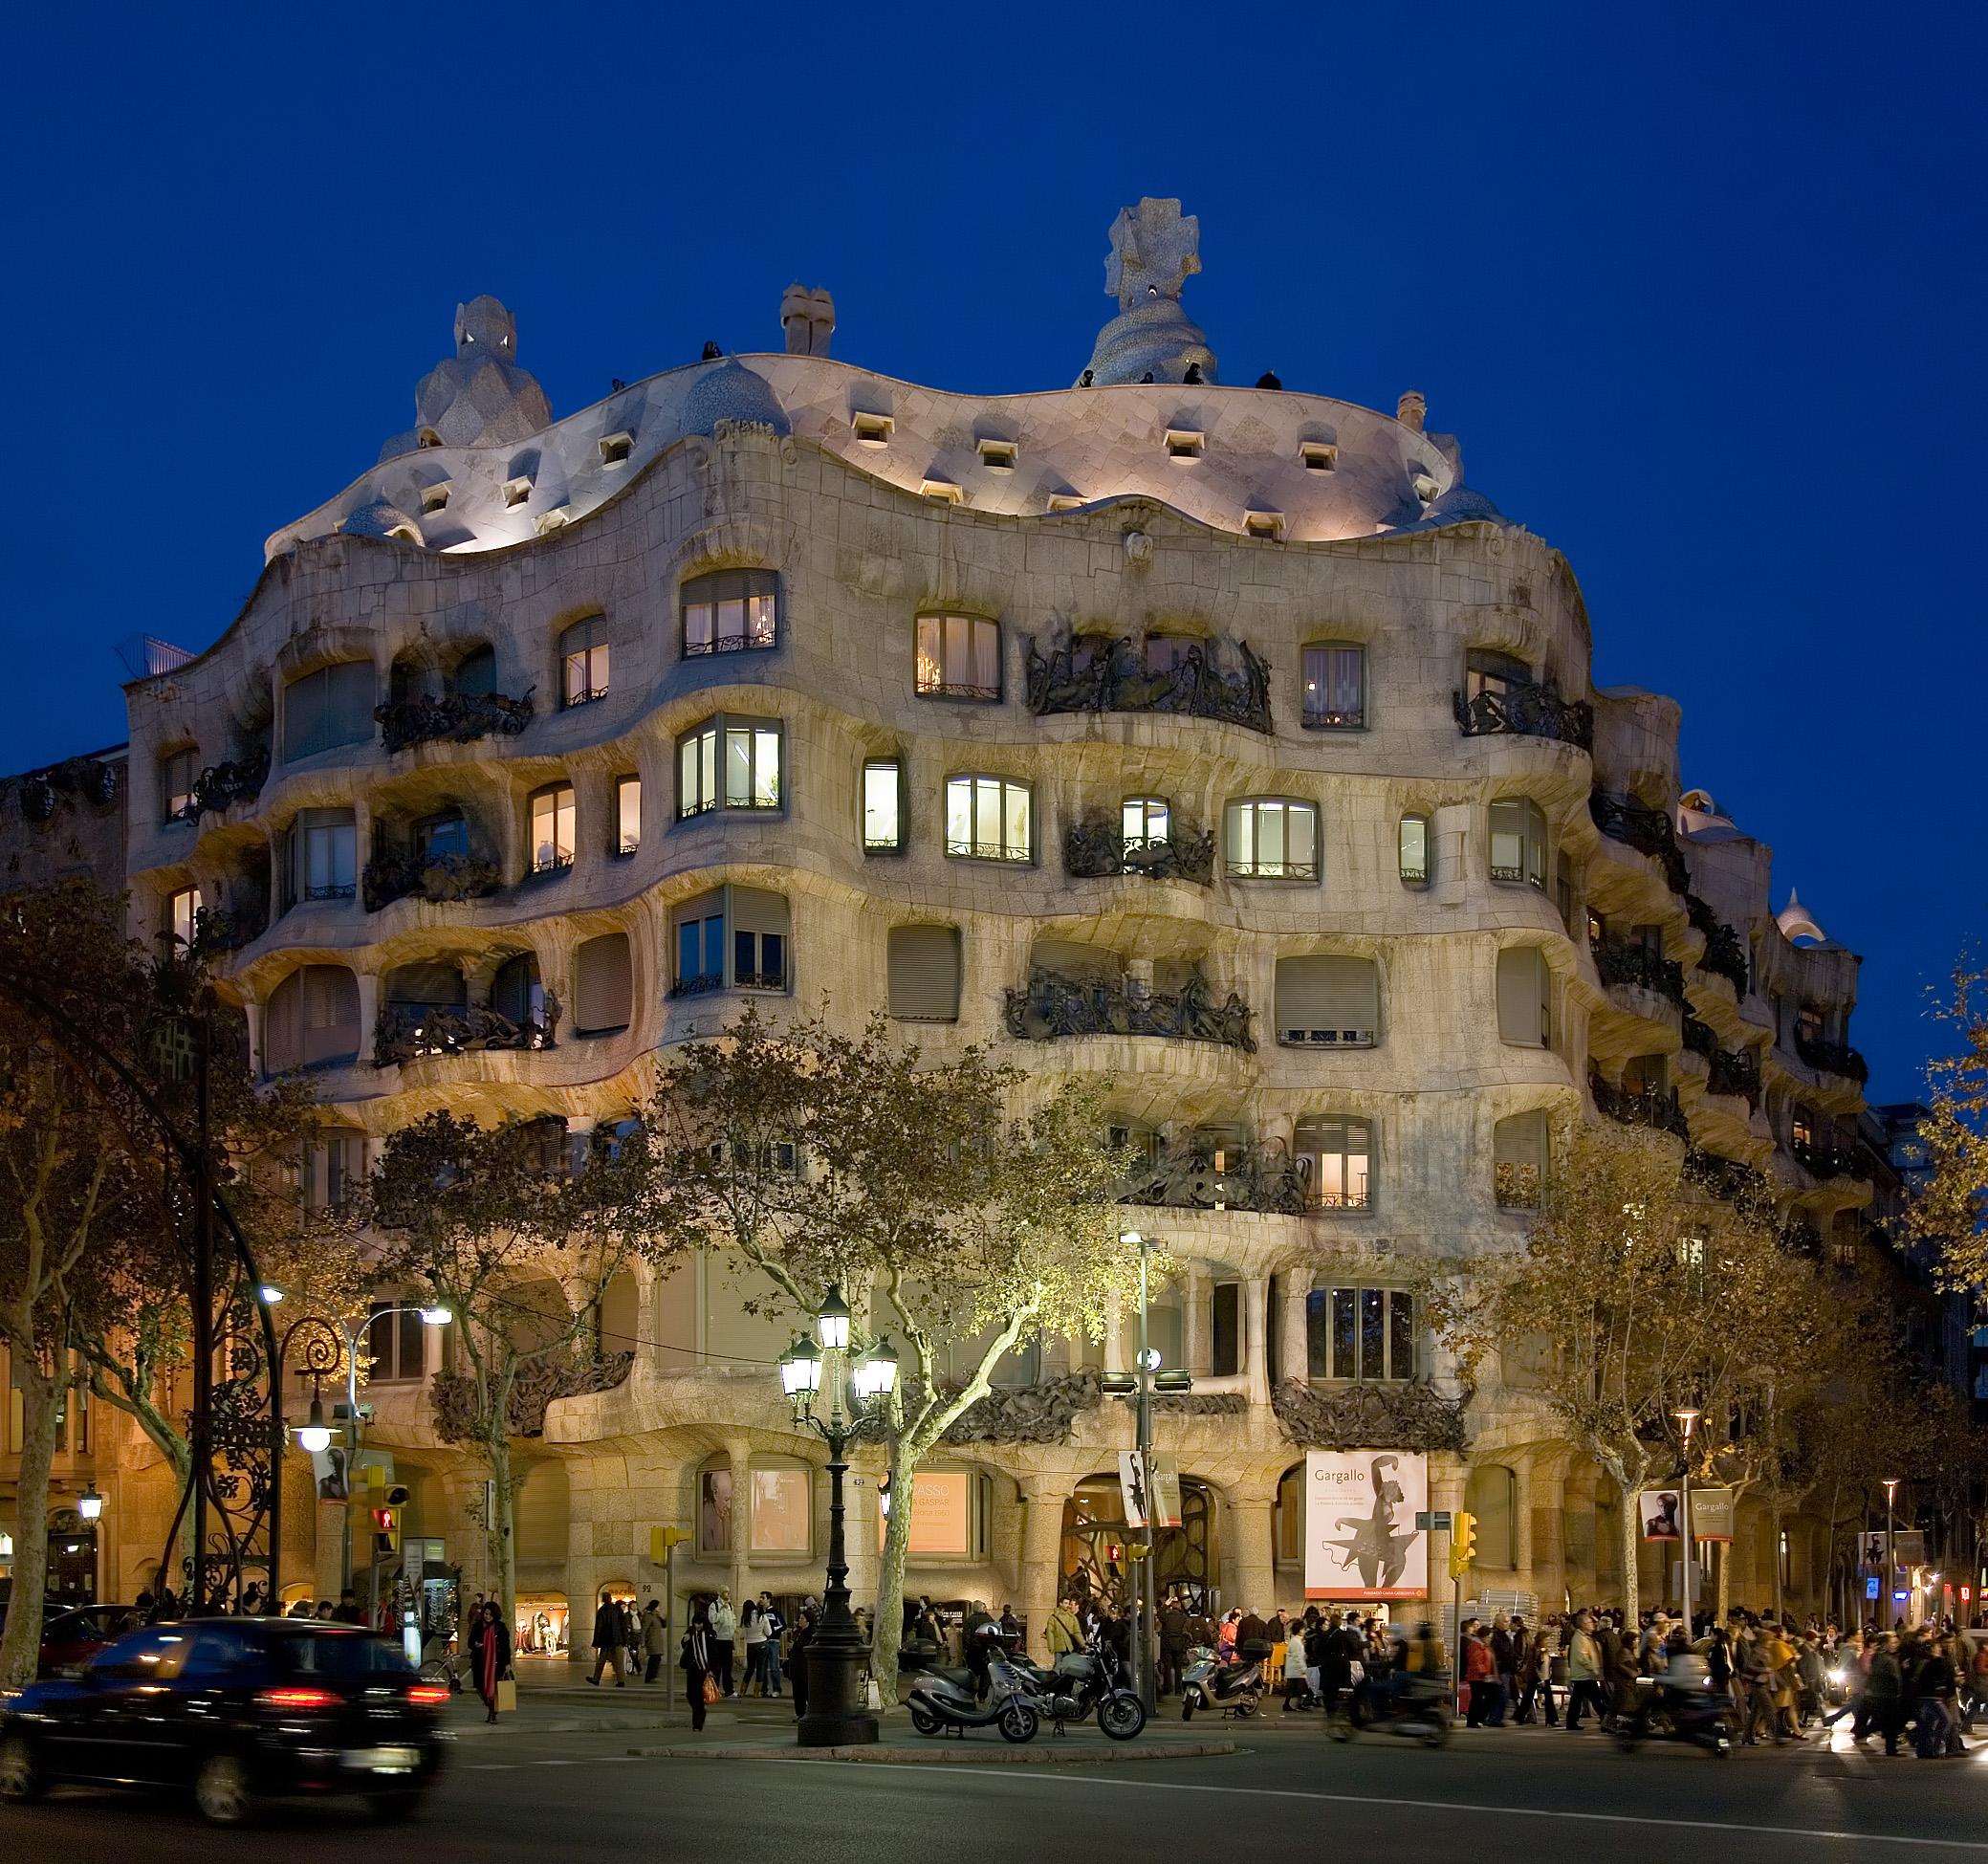 Noches verano en La Pedrera de Gaudí